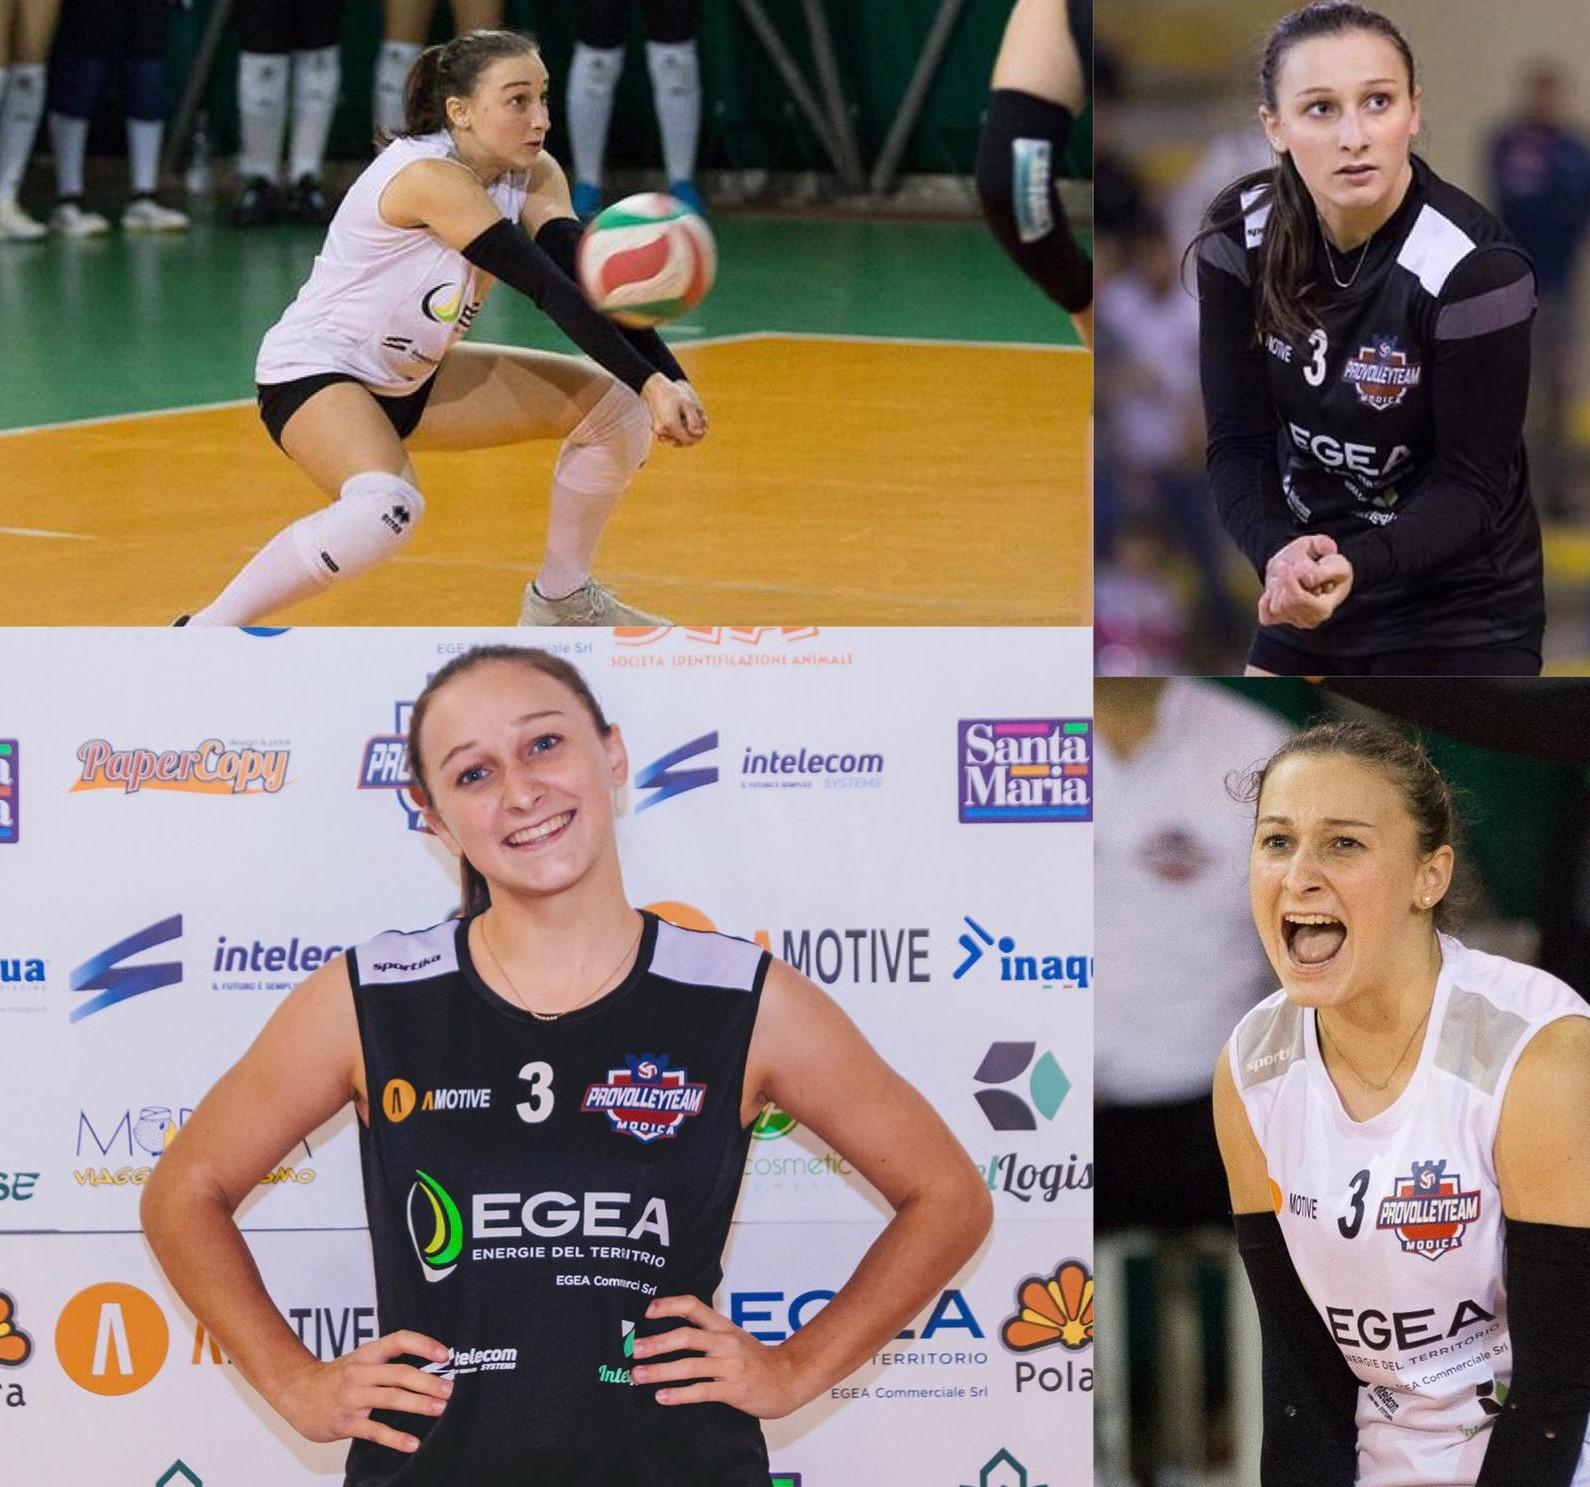 Pallavolo, B1 femminile, terza riconferma per la Pvt Modica: è il libero Sara Asero